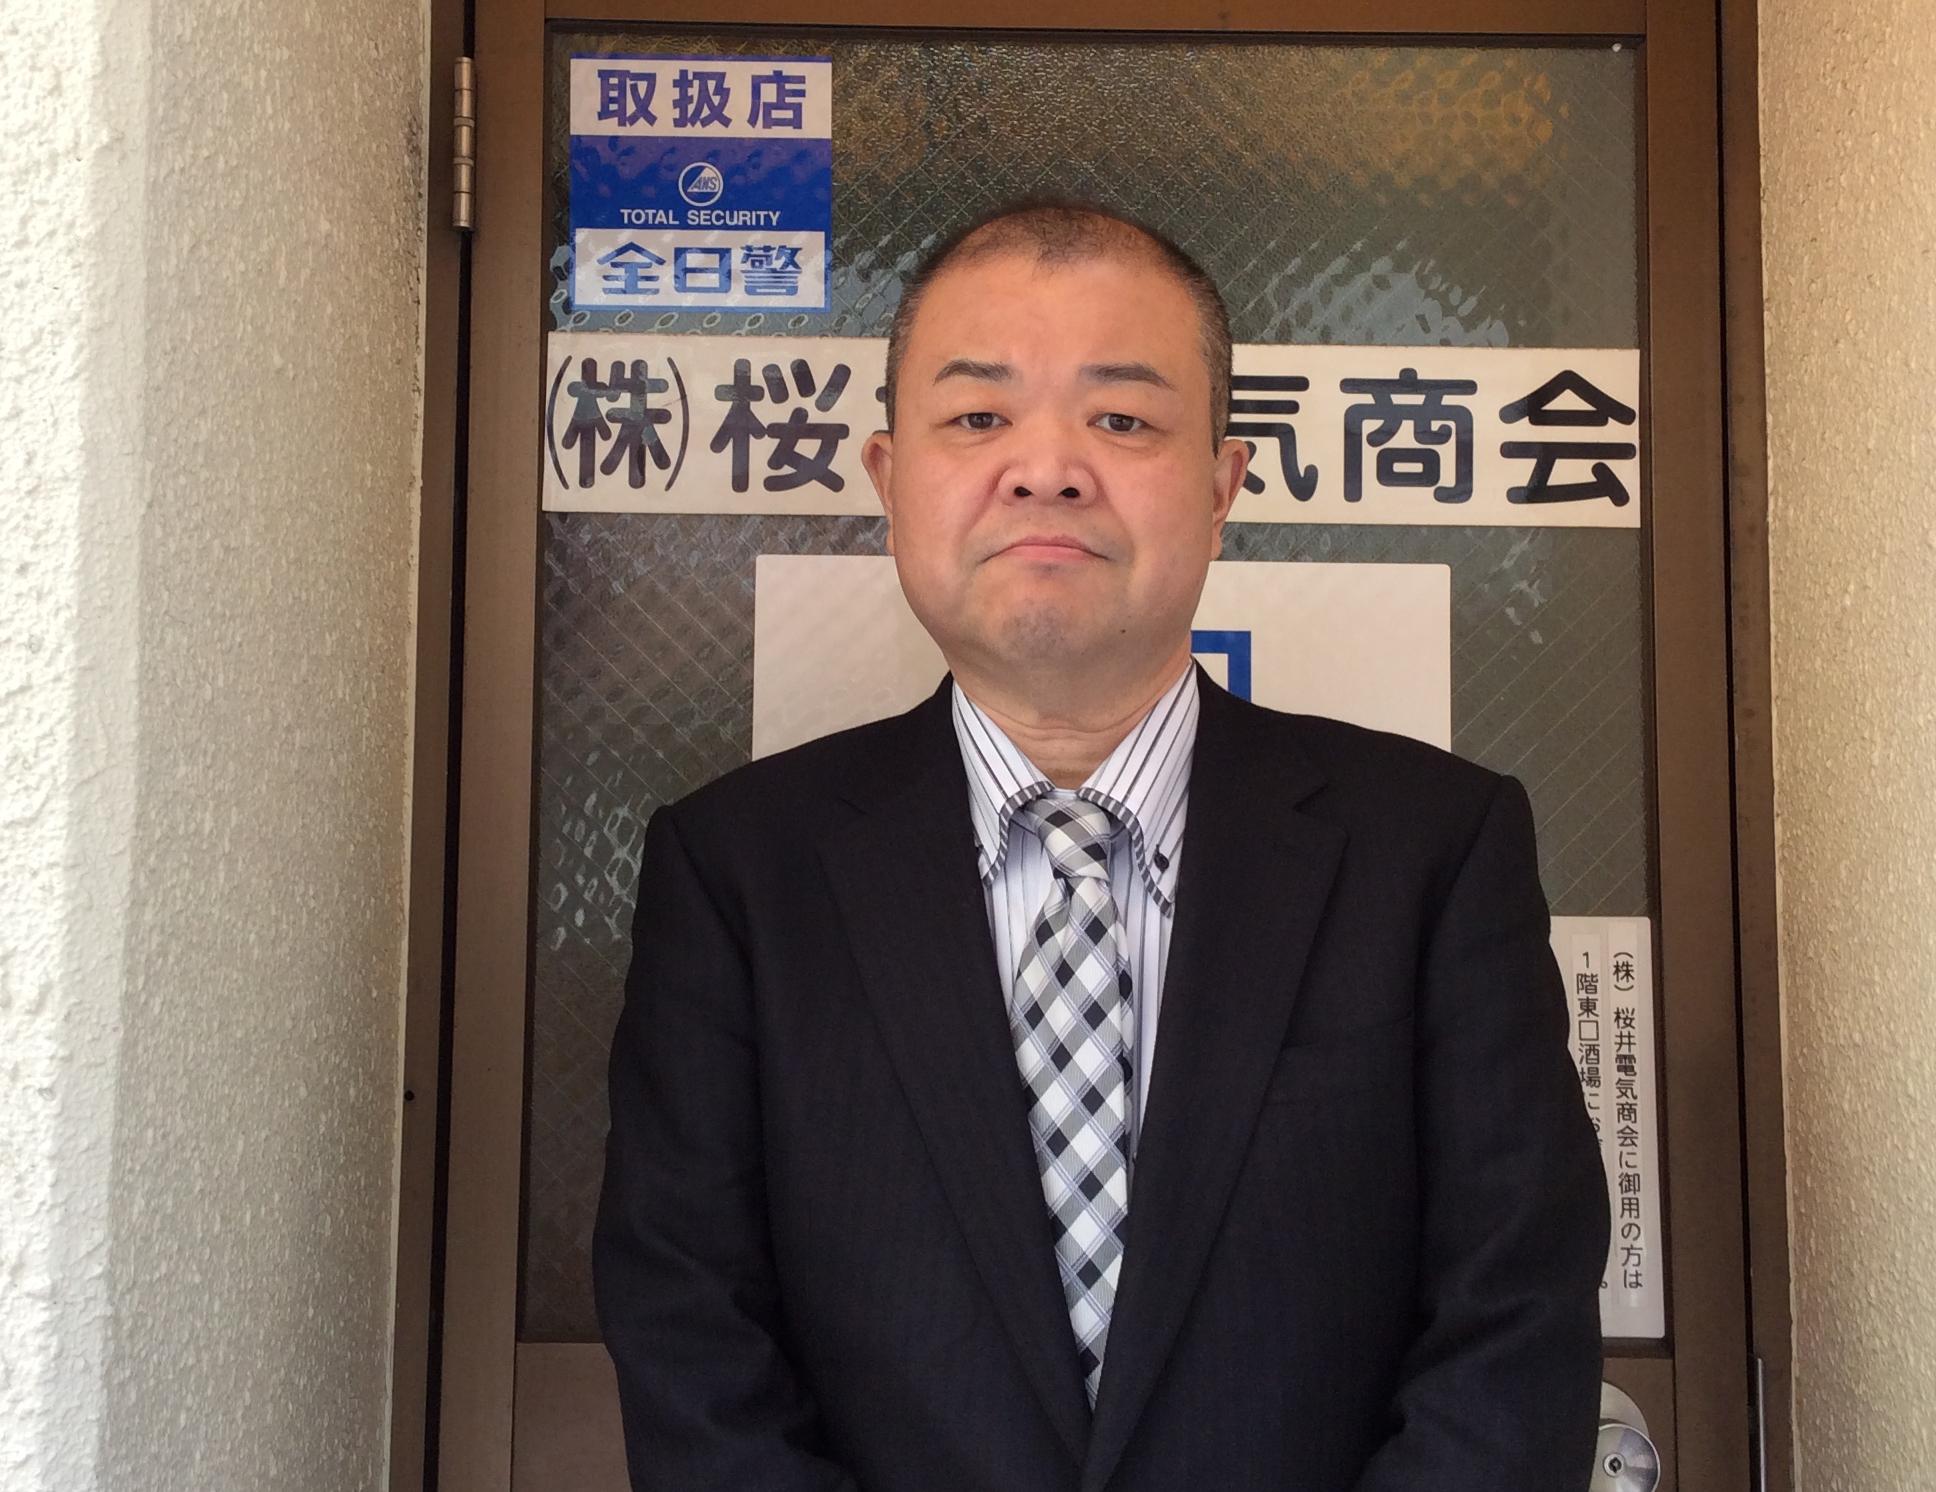 サクライでんきの代表取締役:桜井 豊元